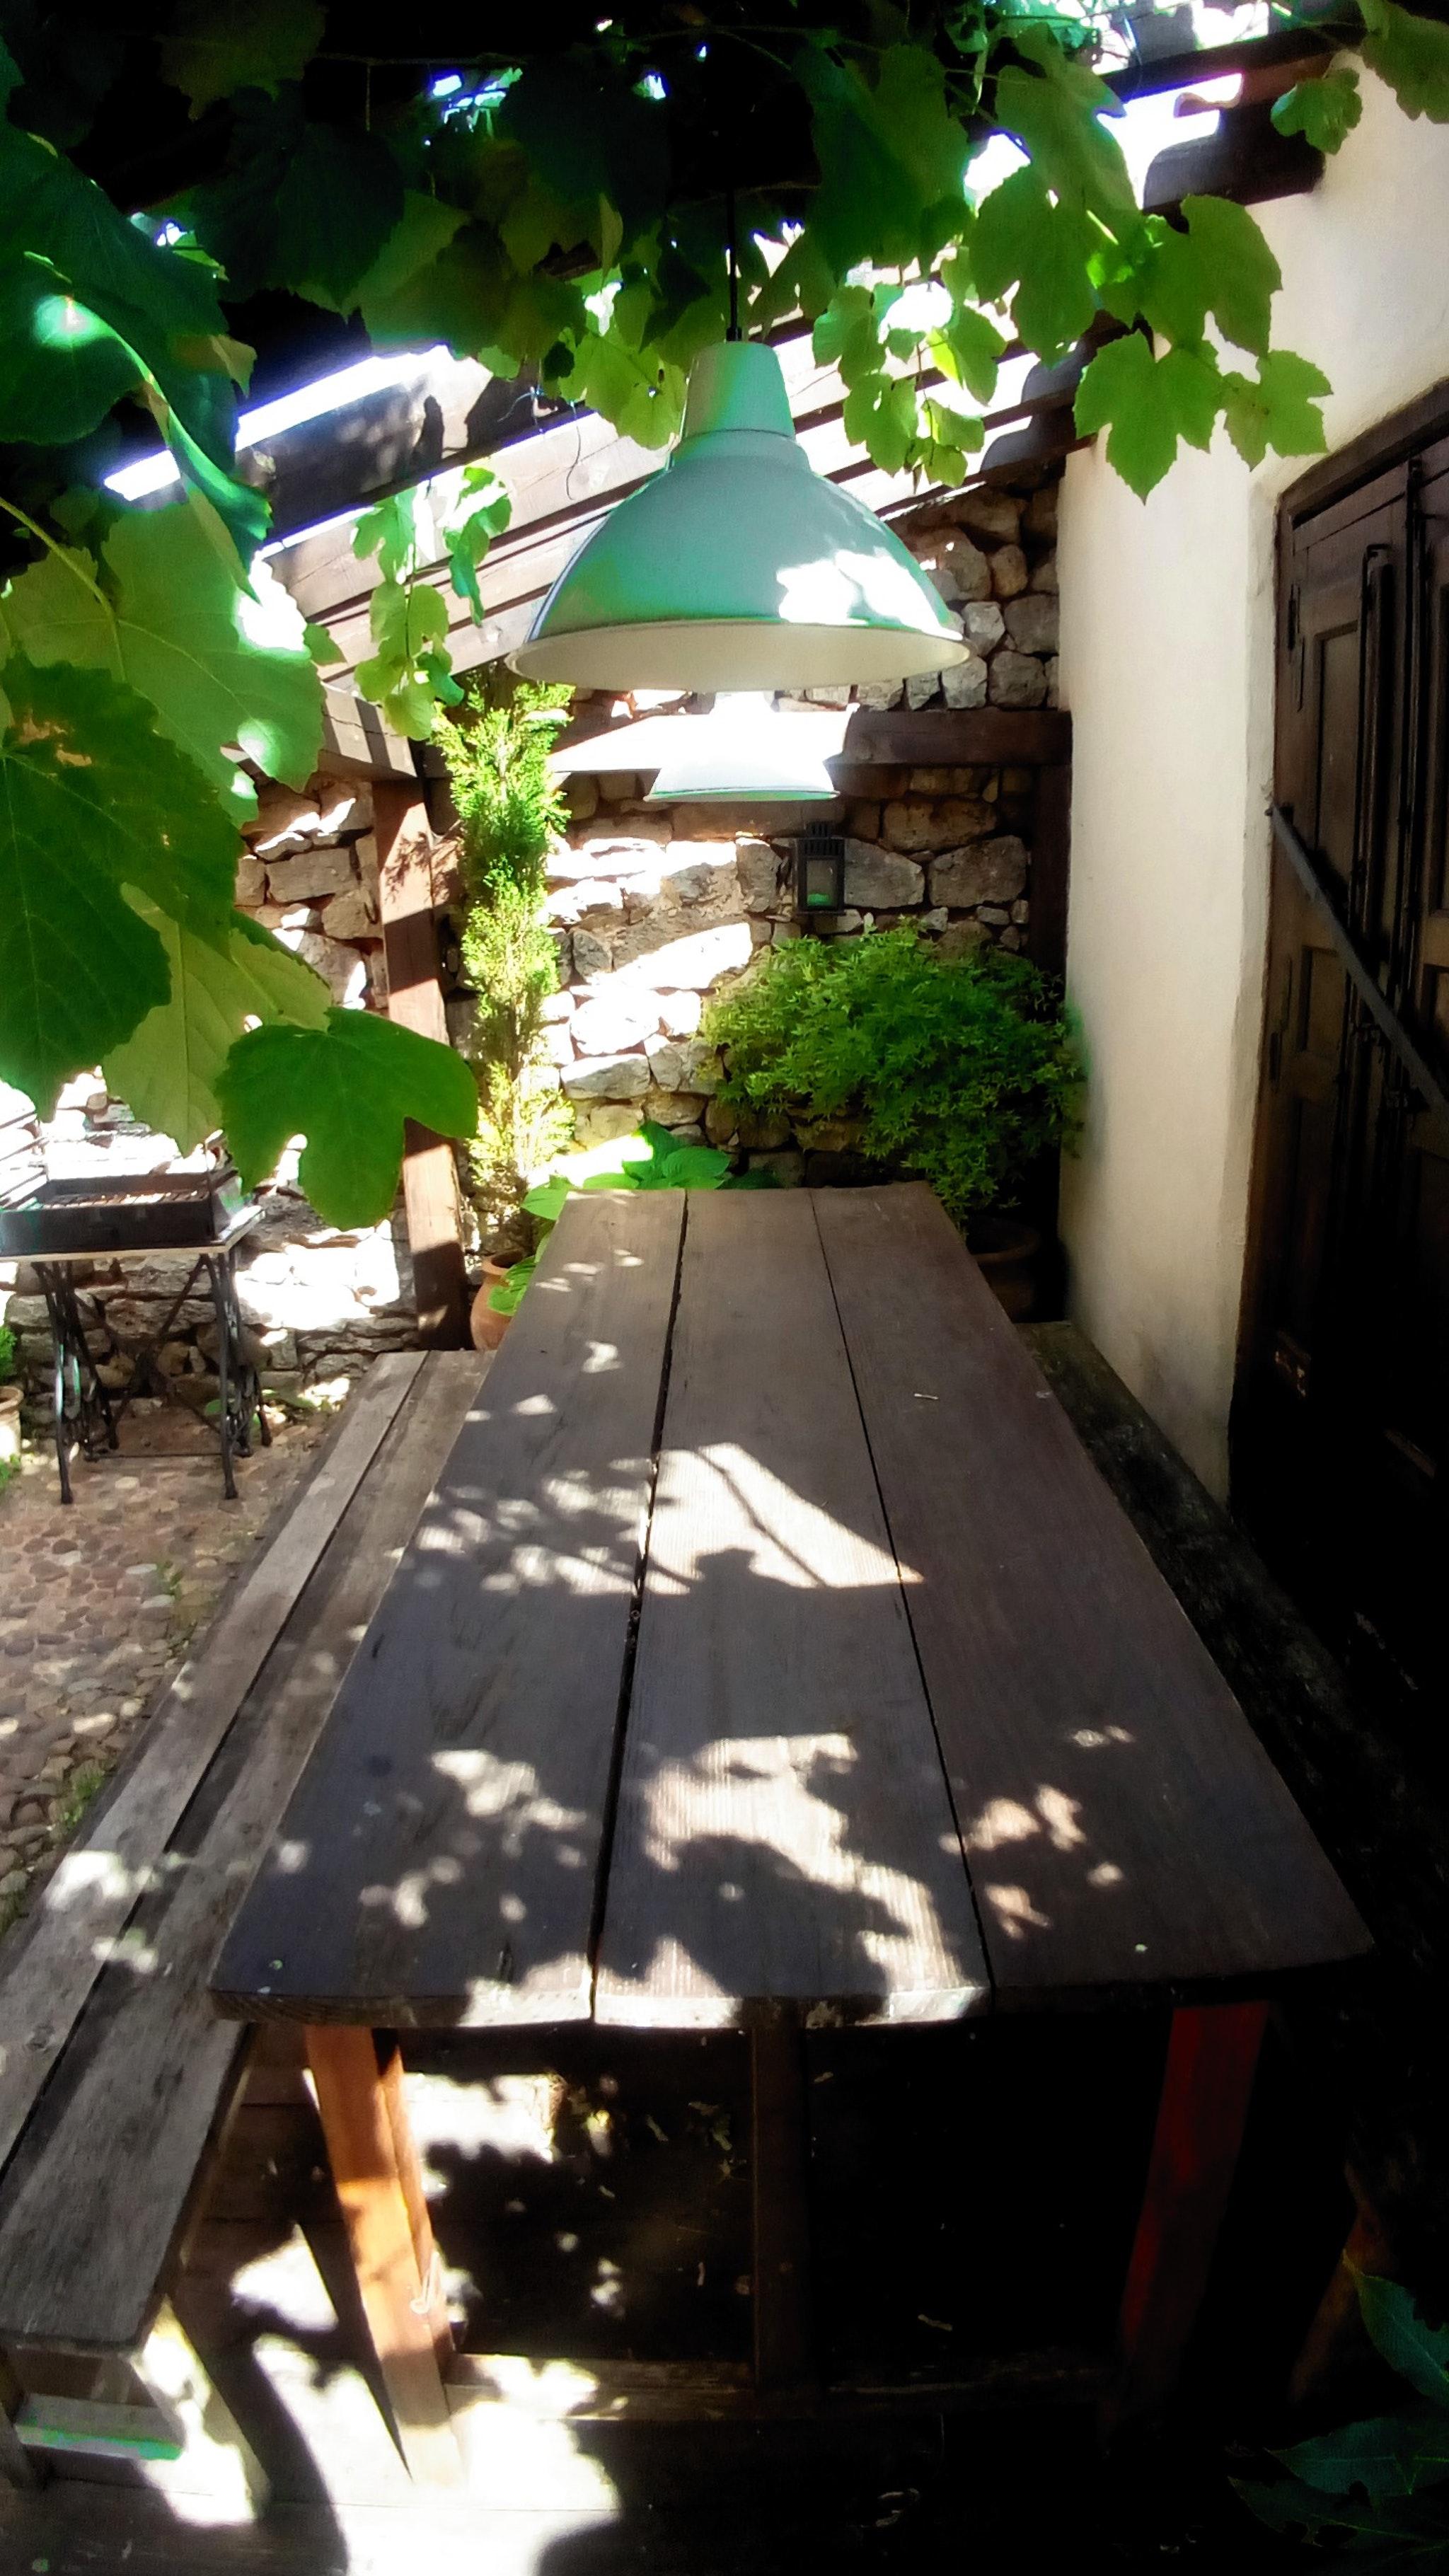 Ferienhaus Haus mit 5 Zimmern in Fuenteodra mit toller Aussicht auf die Berge, eingezäuntem Garten un (2211142), Fuenteodra, Burgos, Kastilien-León, Spanien, Bild 54